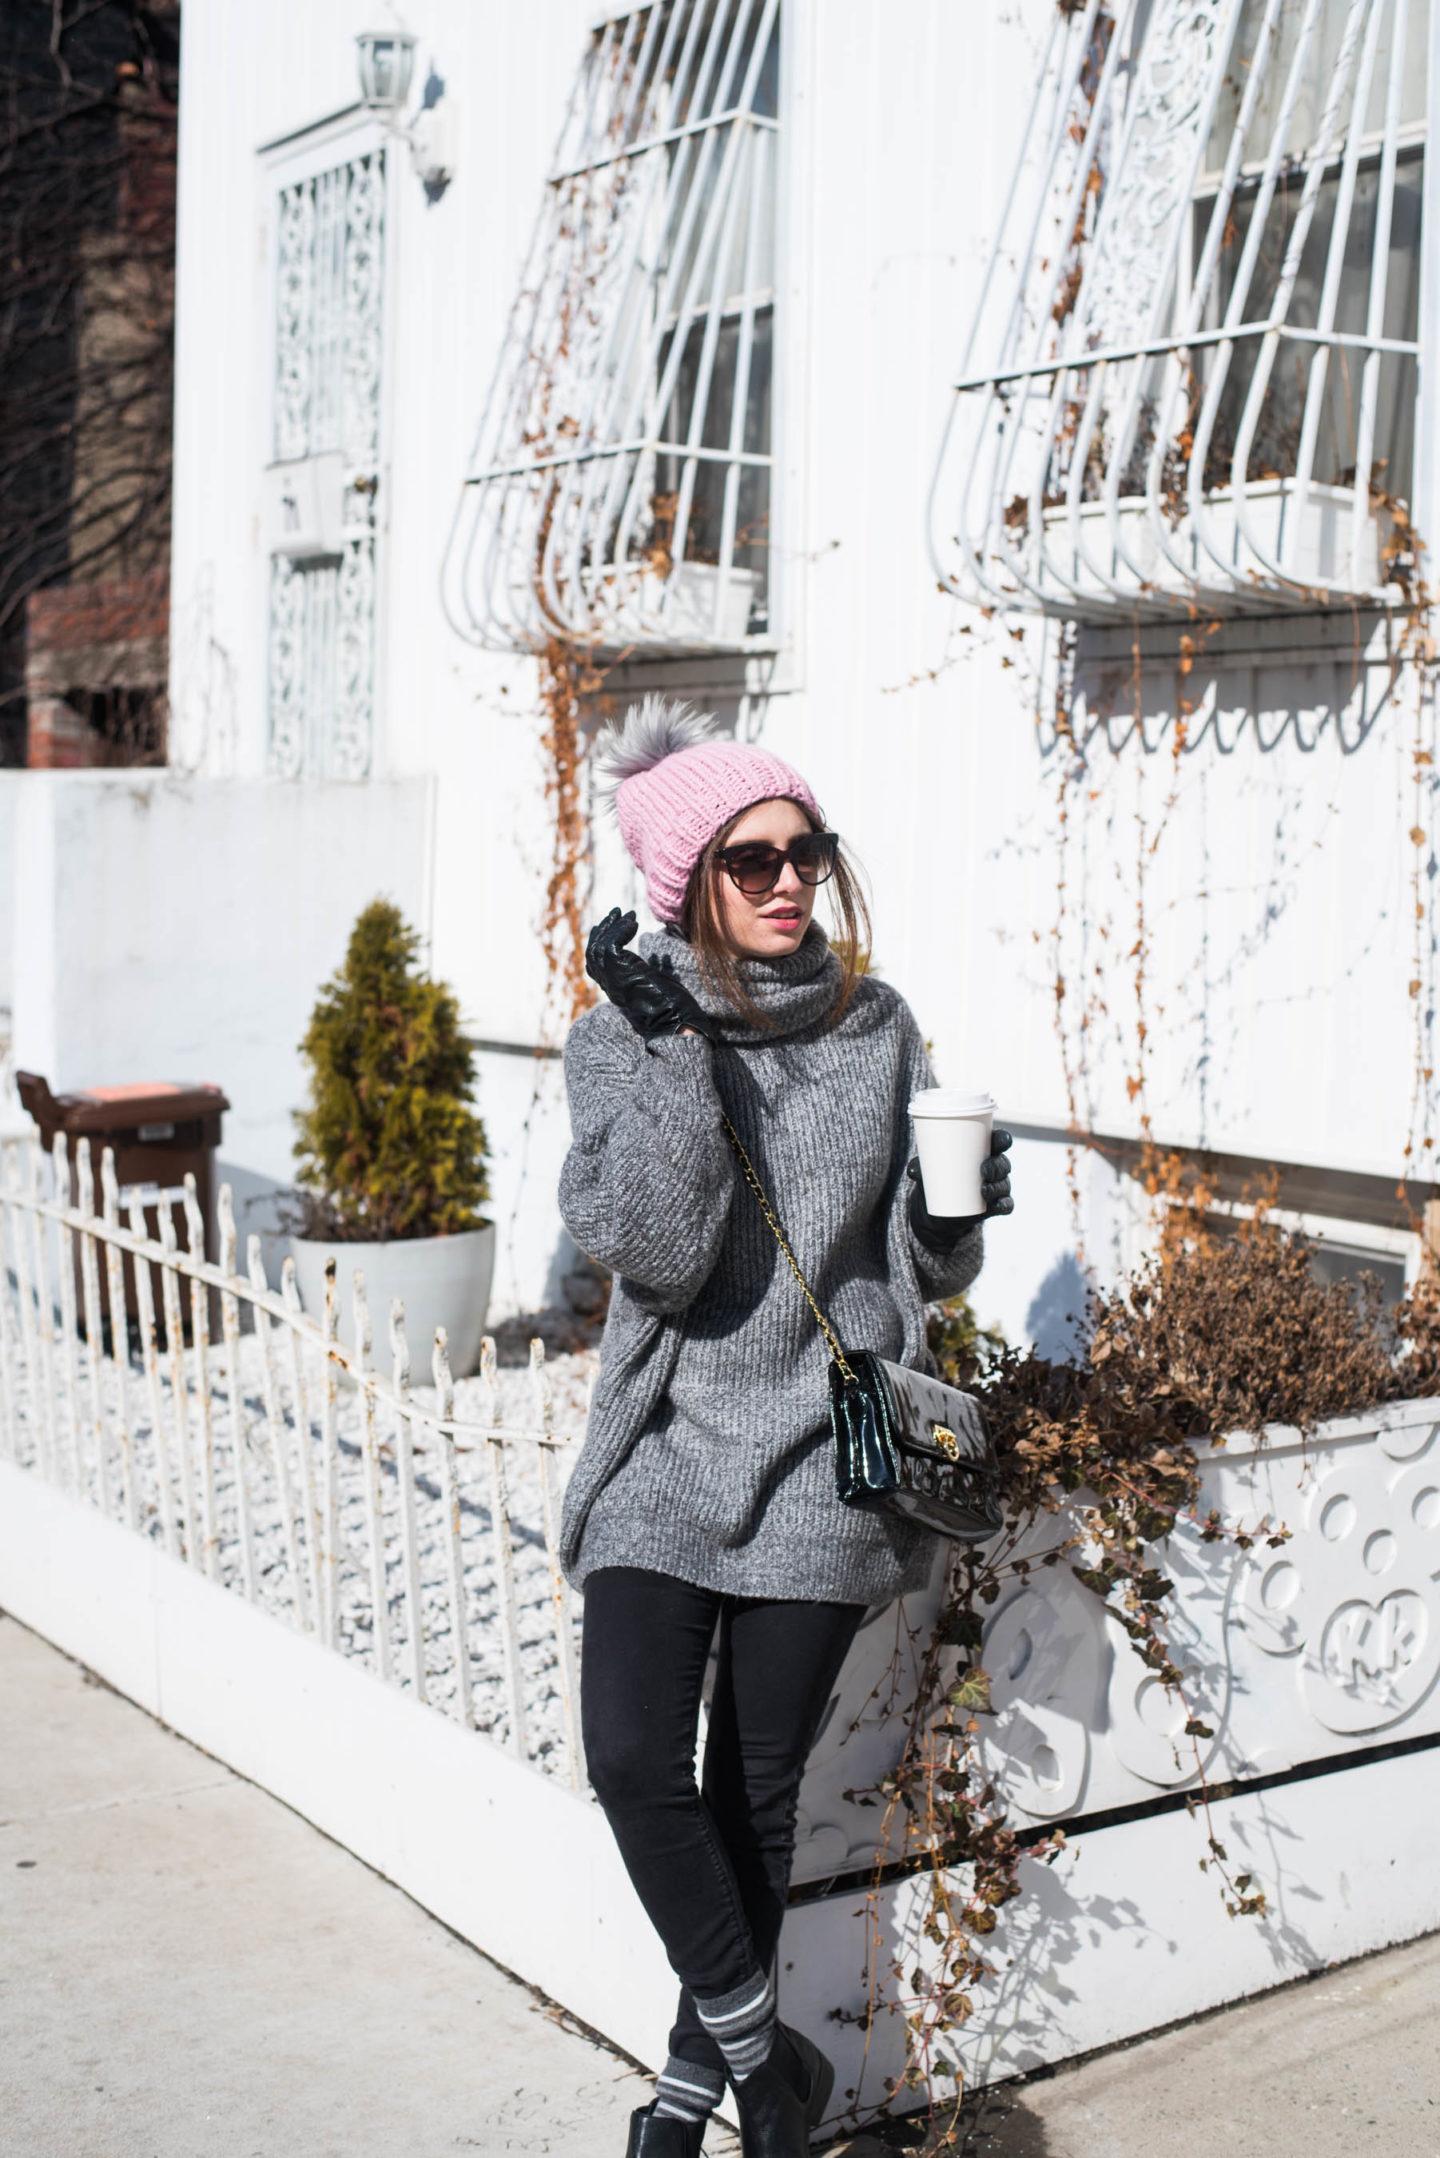 New York Fashion Week 2018: Cozy Chic in Brooklyn